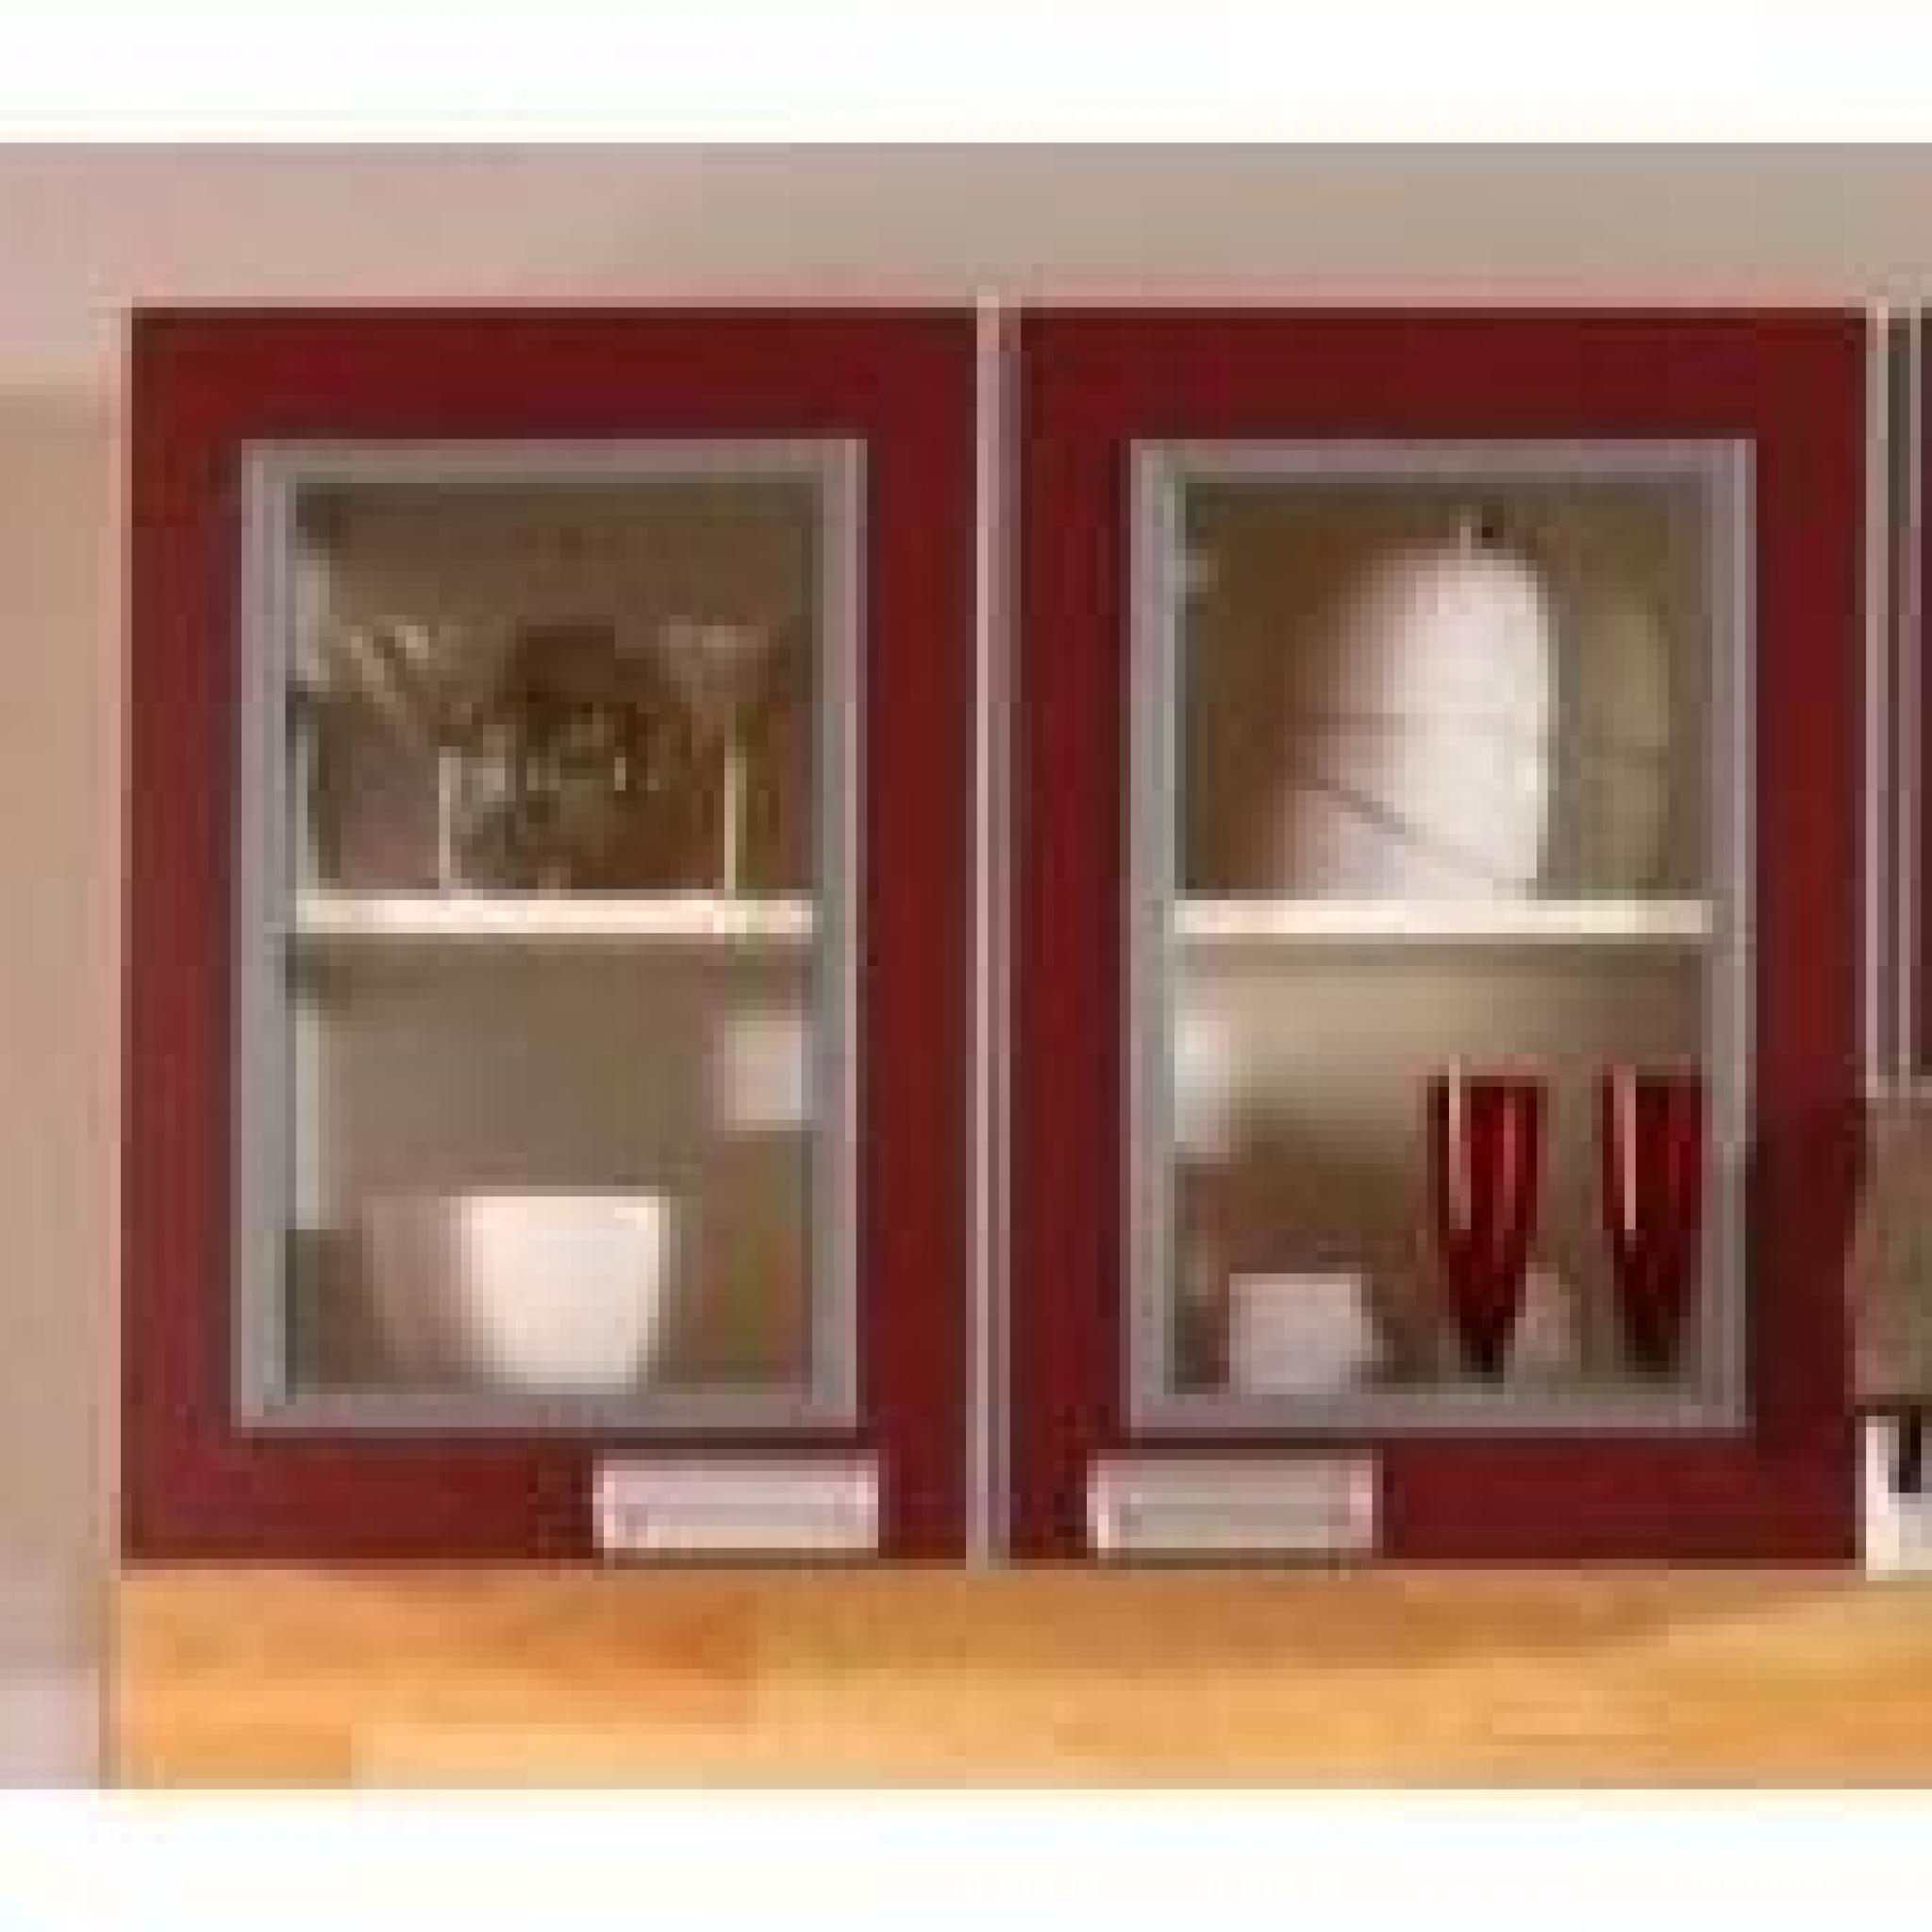 Cuisine opale bordeaux 1m40 3 meubles achat vente - Ameublement bordeaux ...